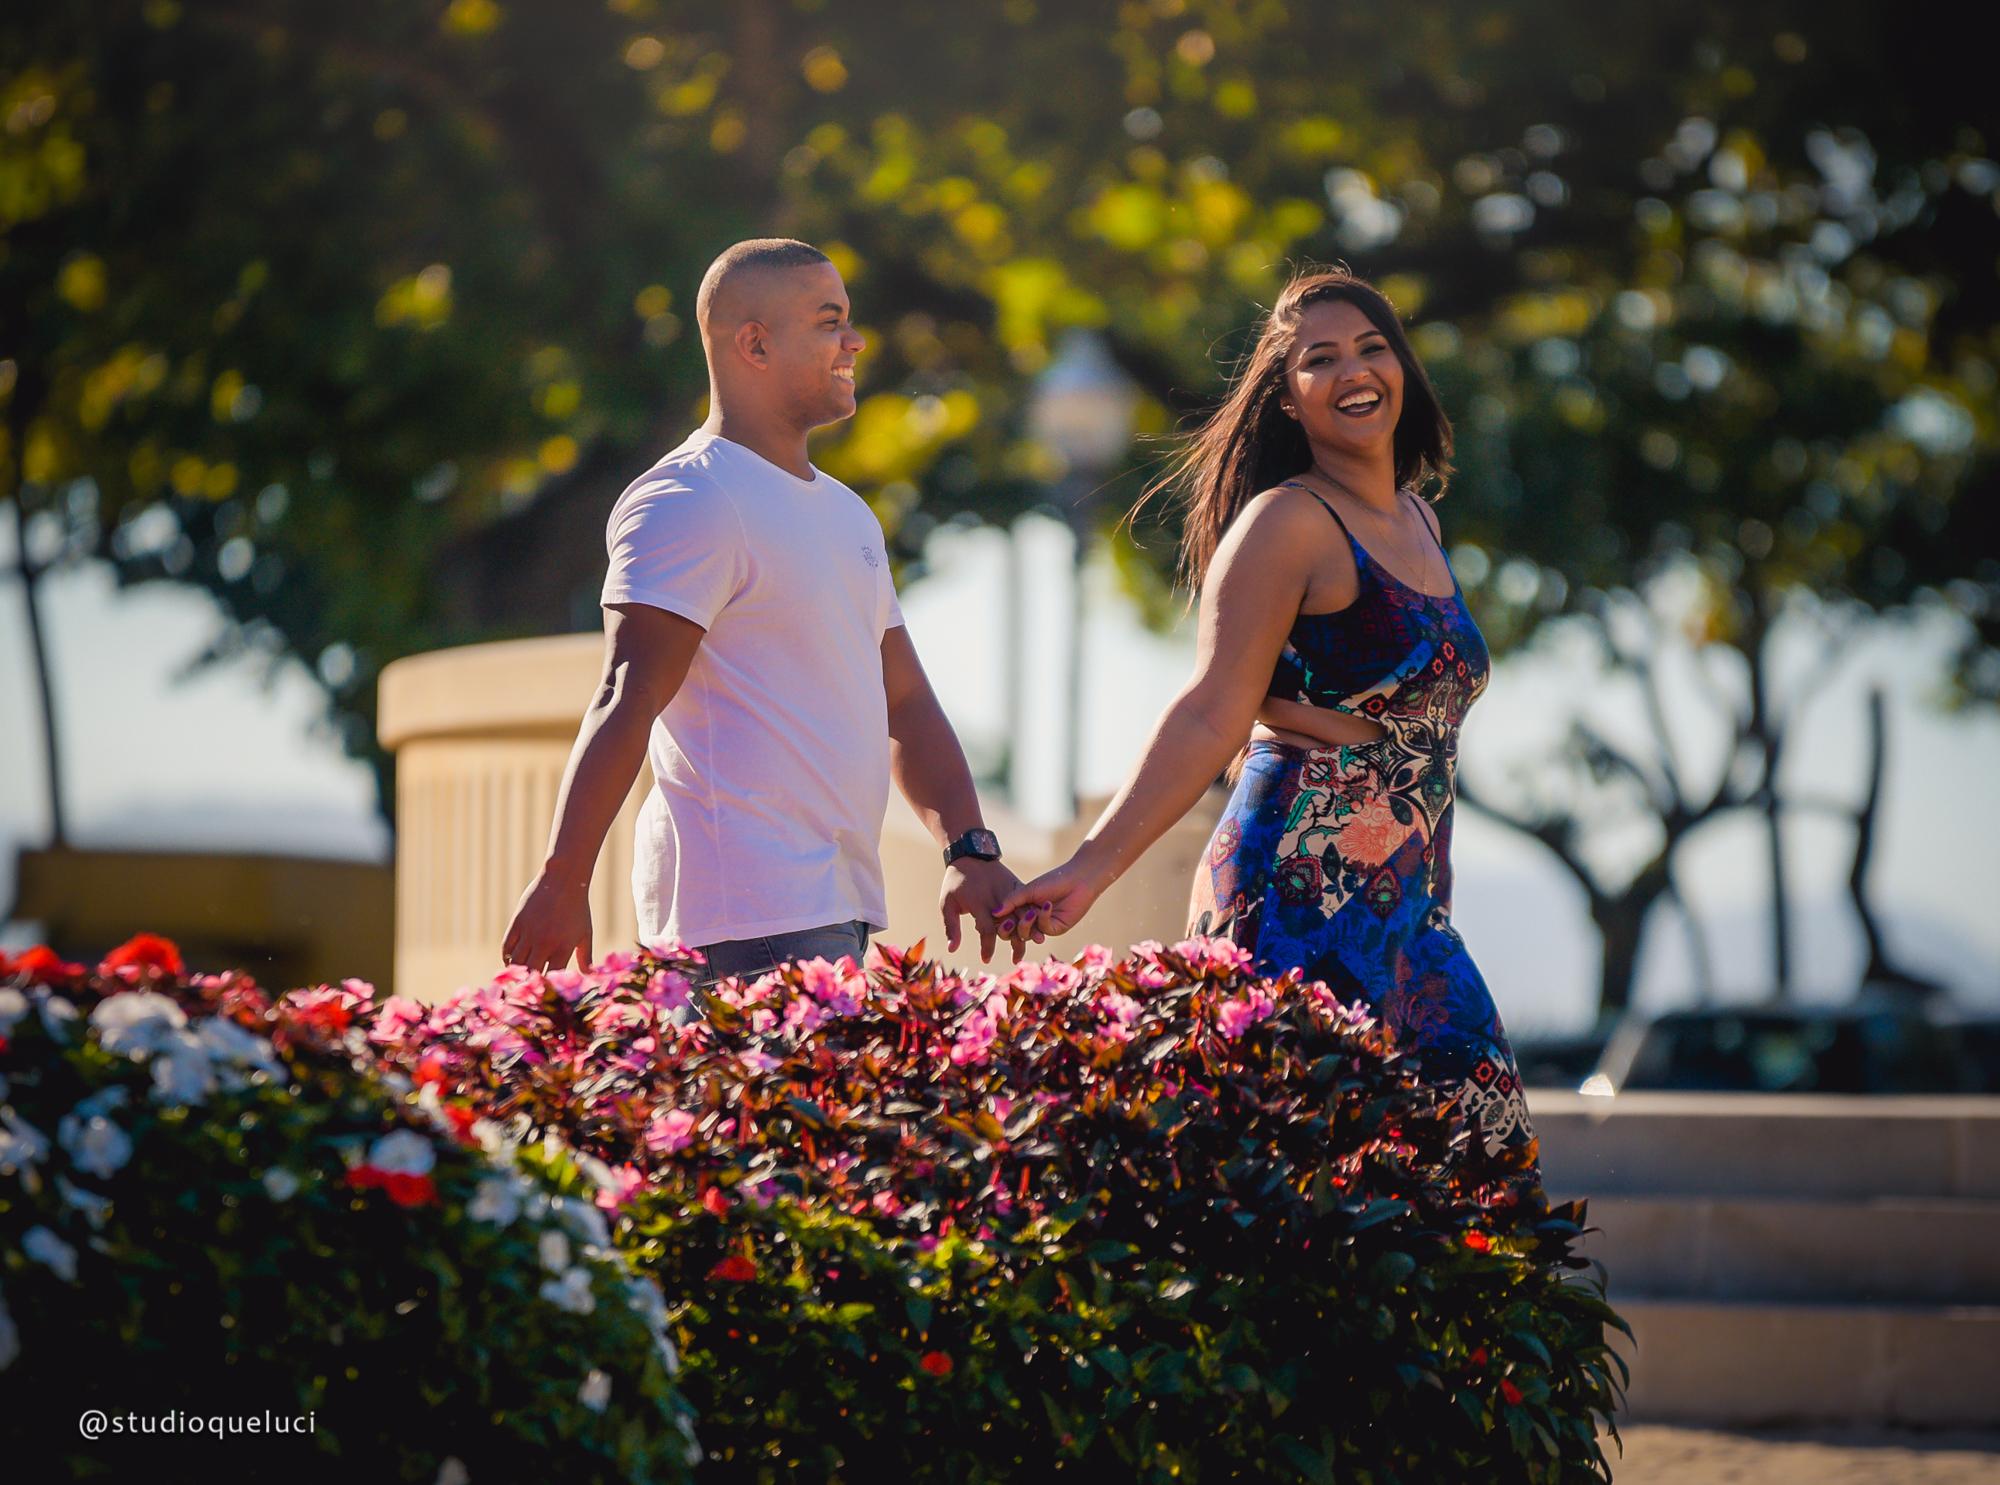 Fotografo de casamento ensaio pre casamento (6)